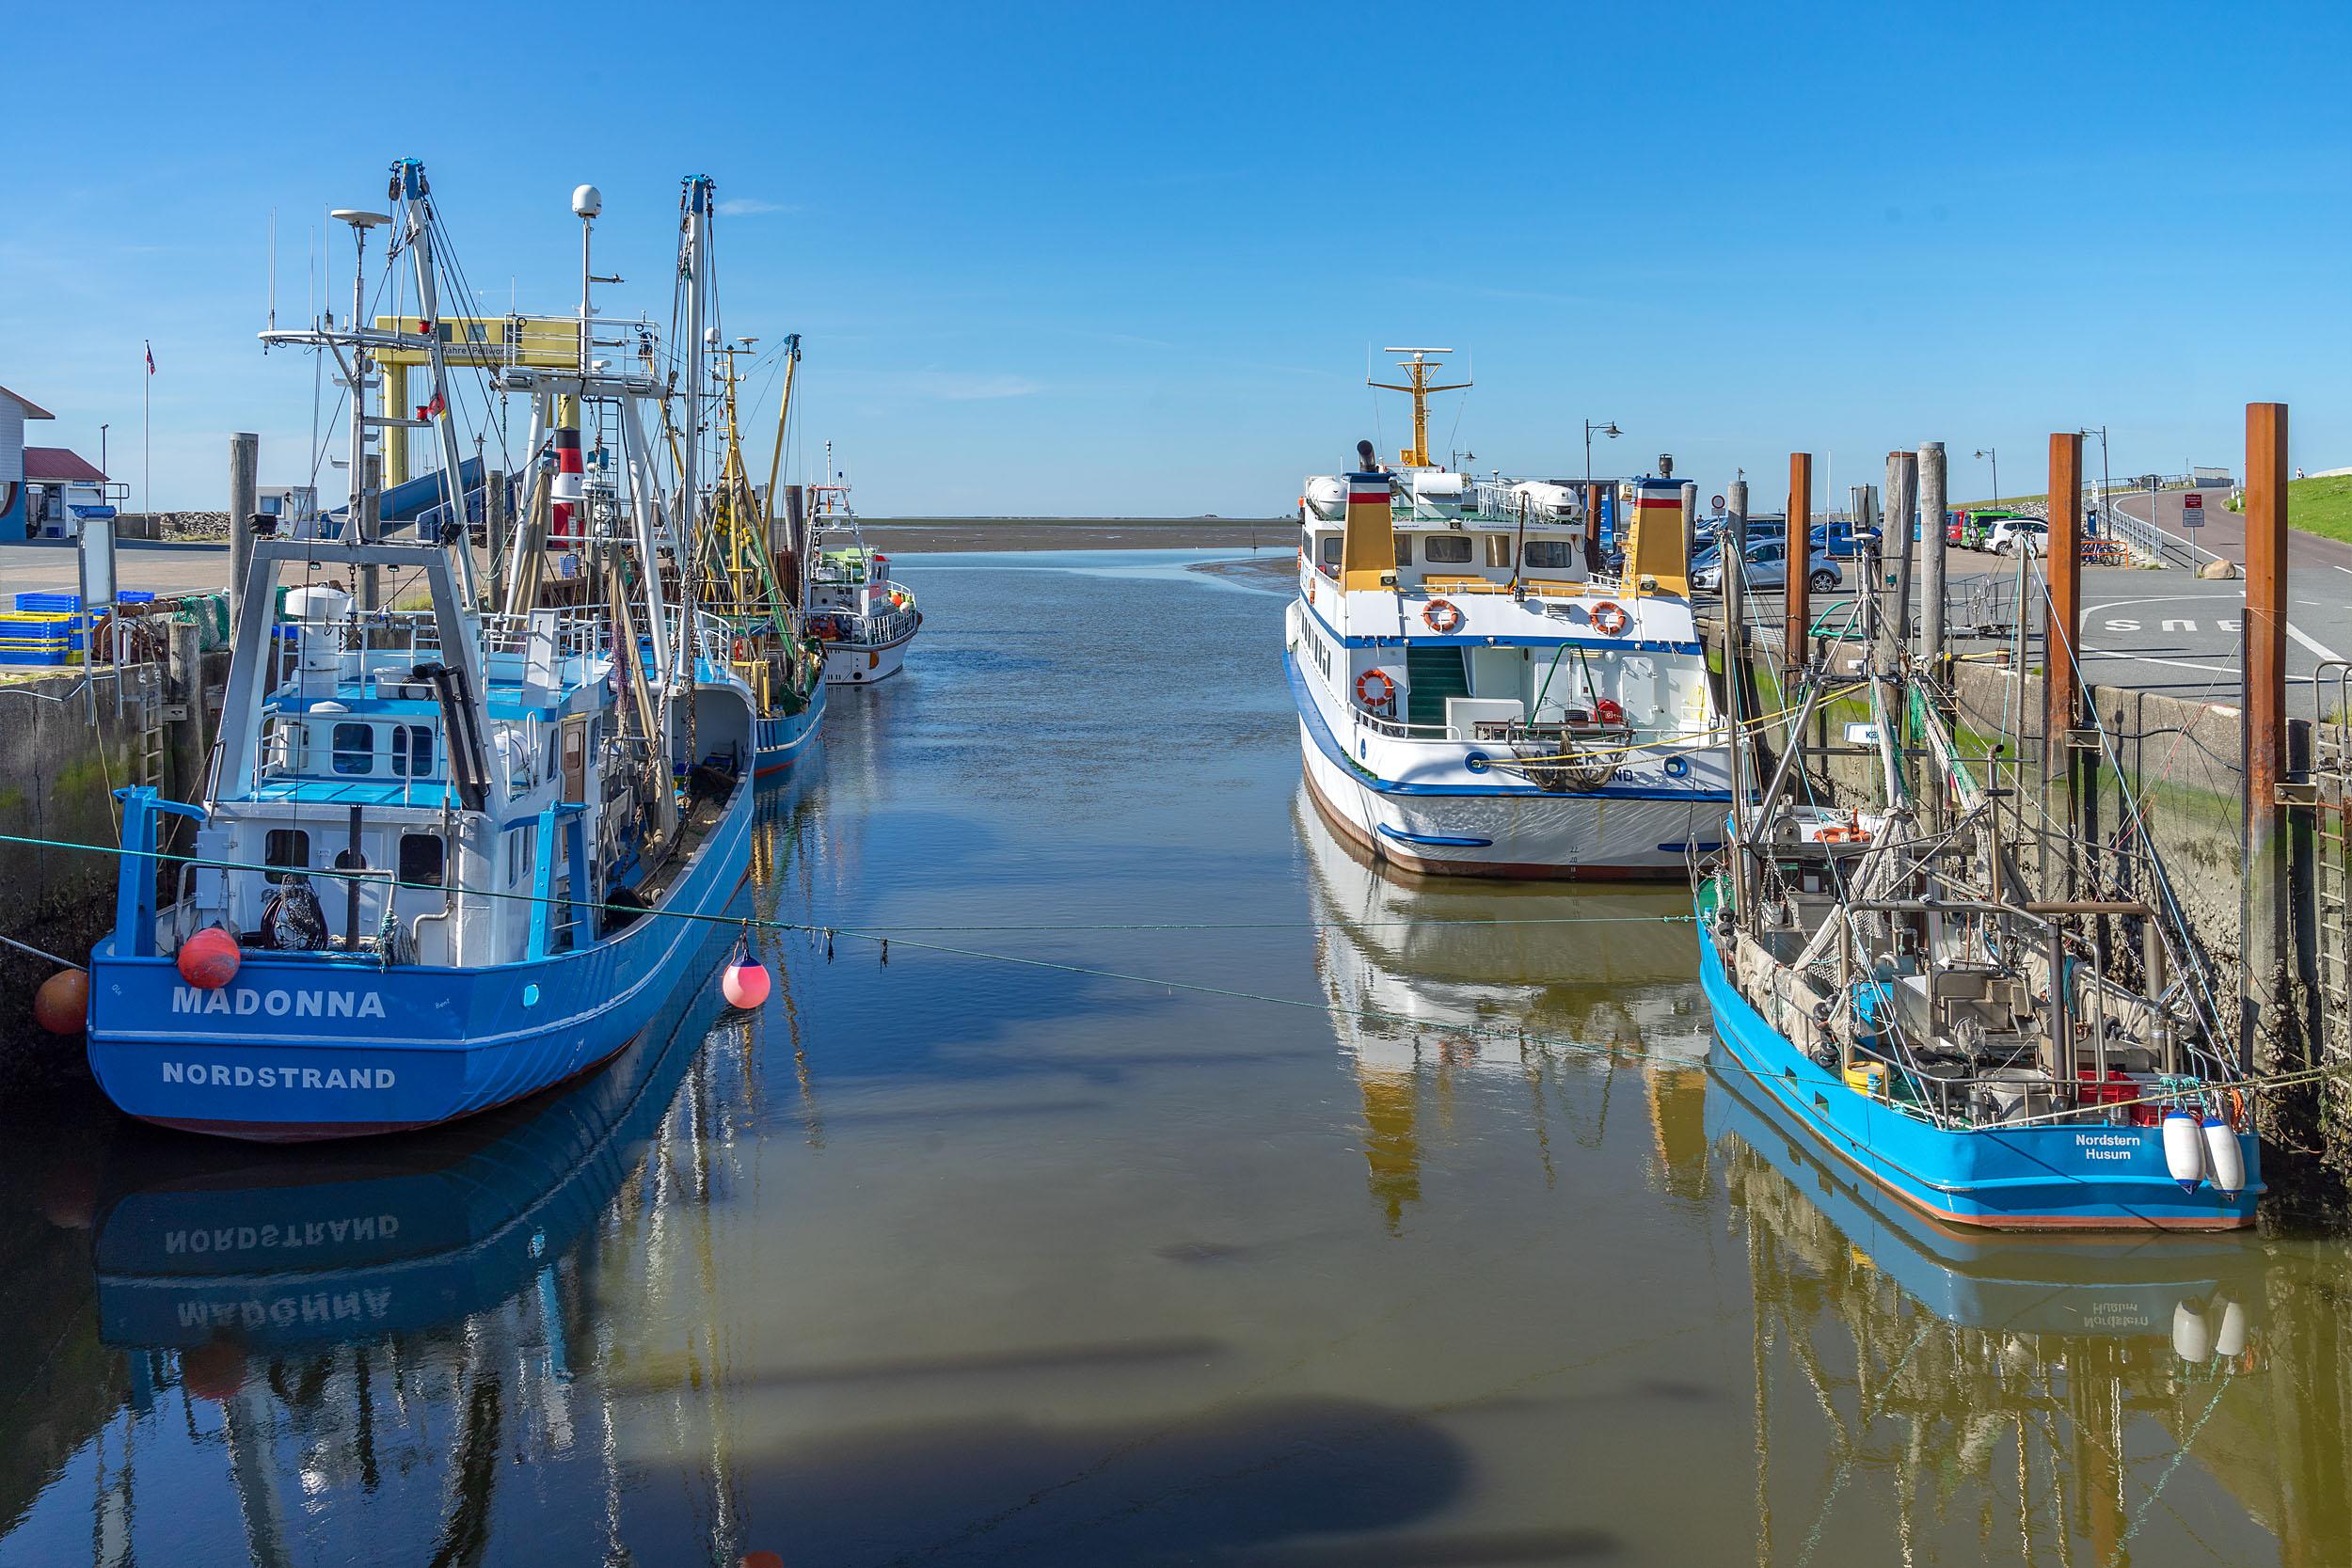 Boote im Hafen Strucklahnungshörn auf Nordstrand